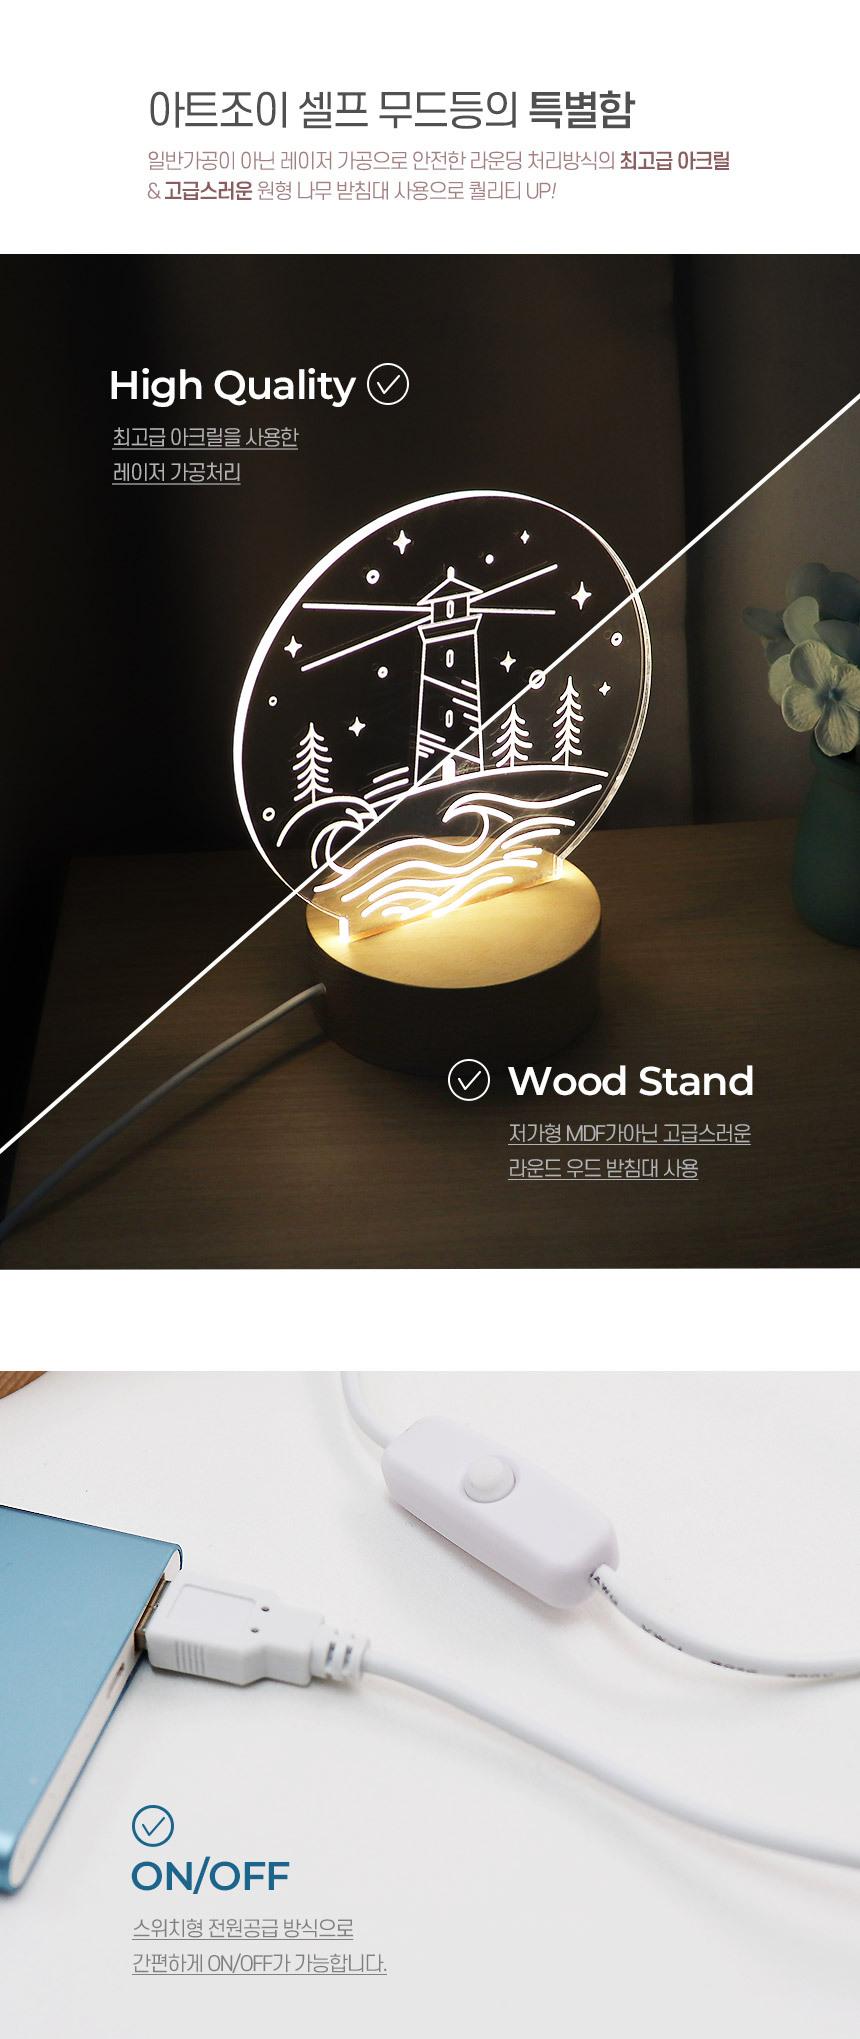 아트조이 DIY 아크릴 LED 원형 셀프무드등 (웜화이트) - 아트조이, 17,000원, 아이디어 상품, 아이디어 상품